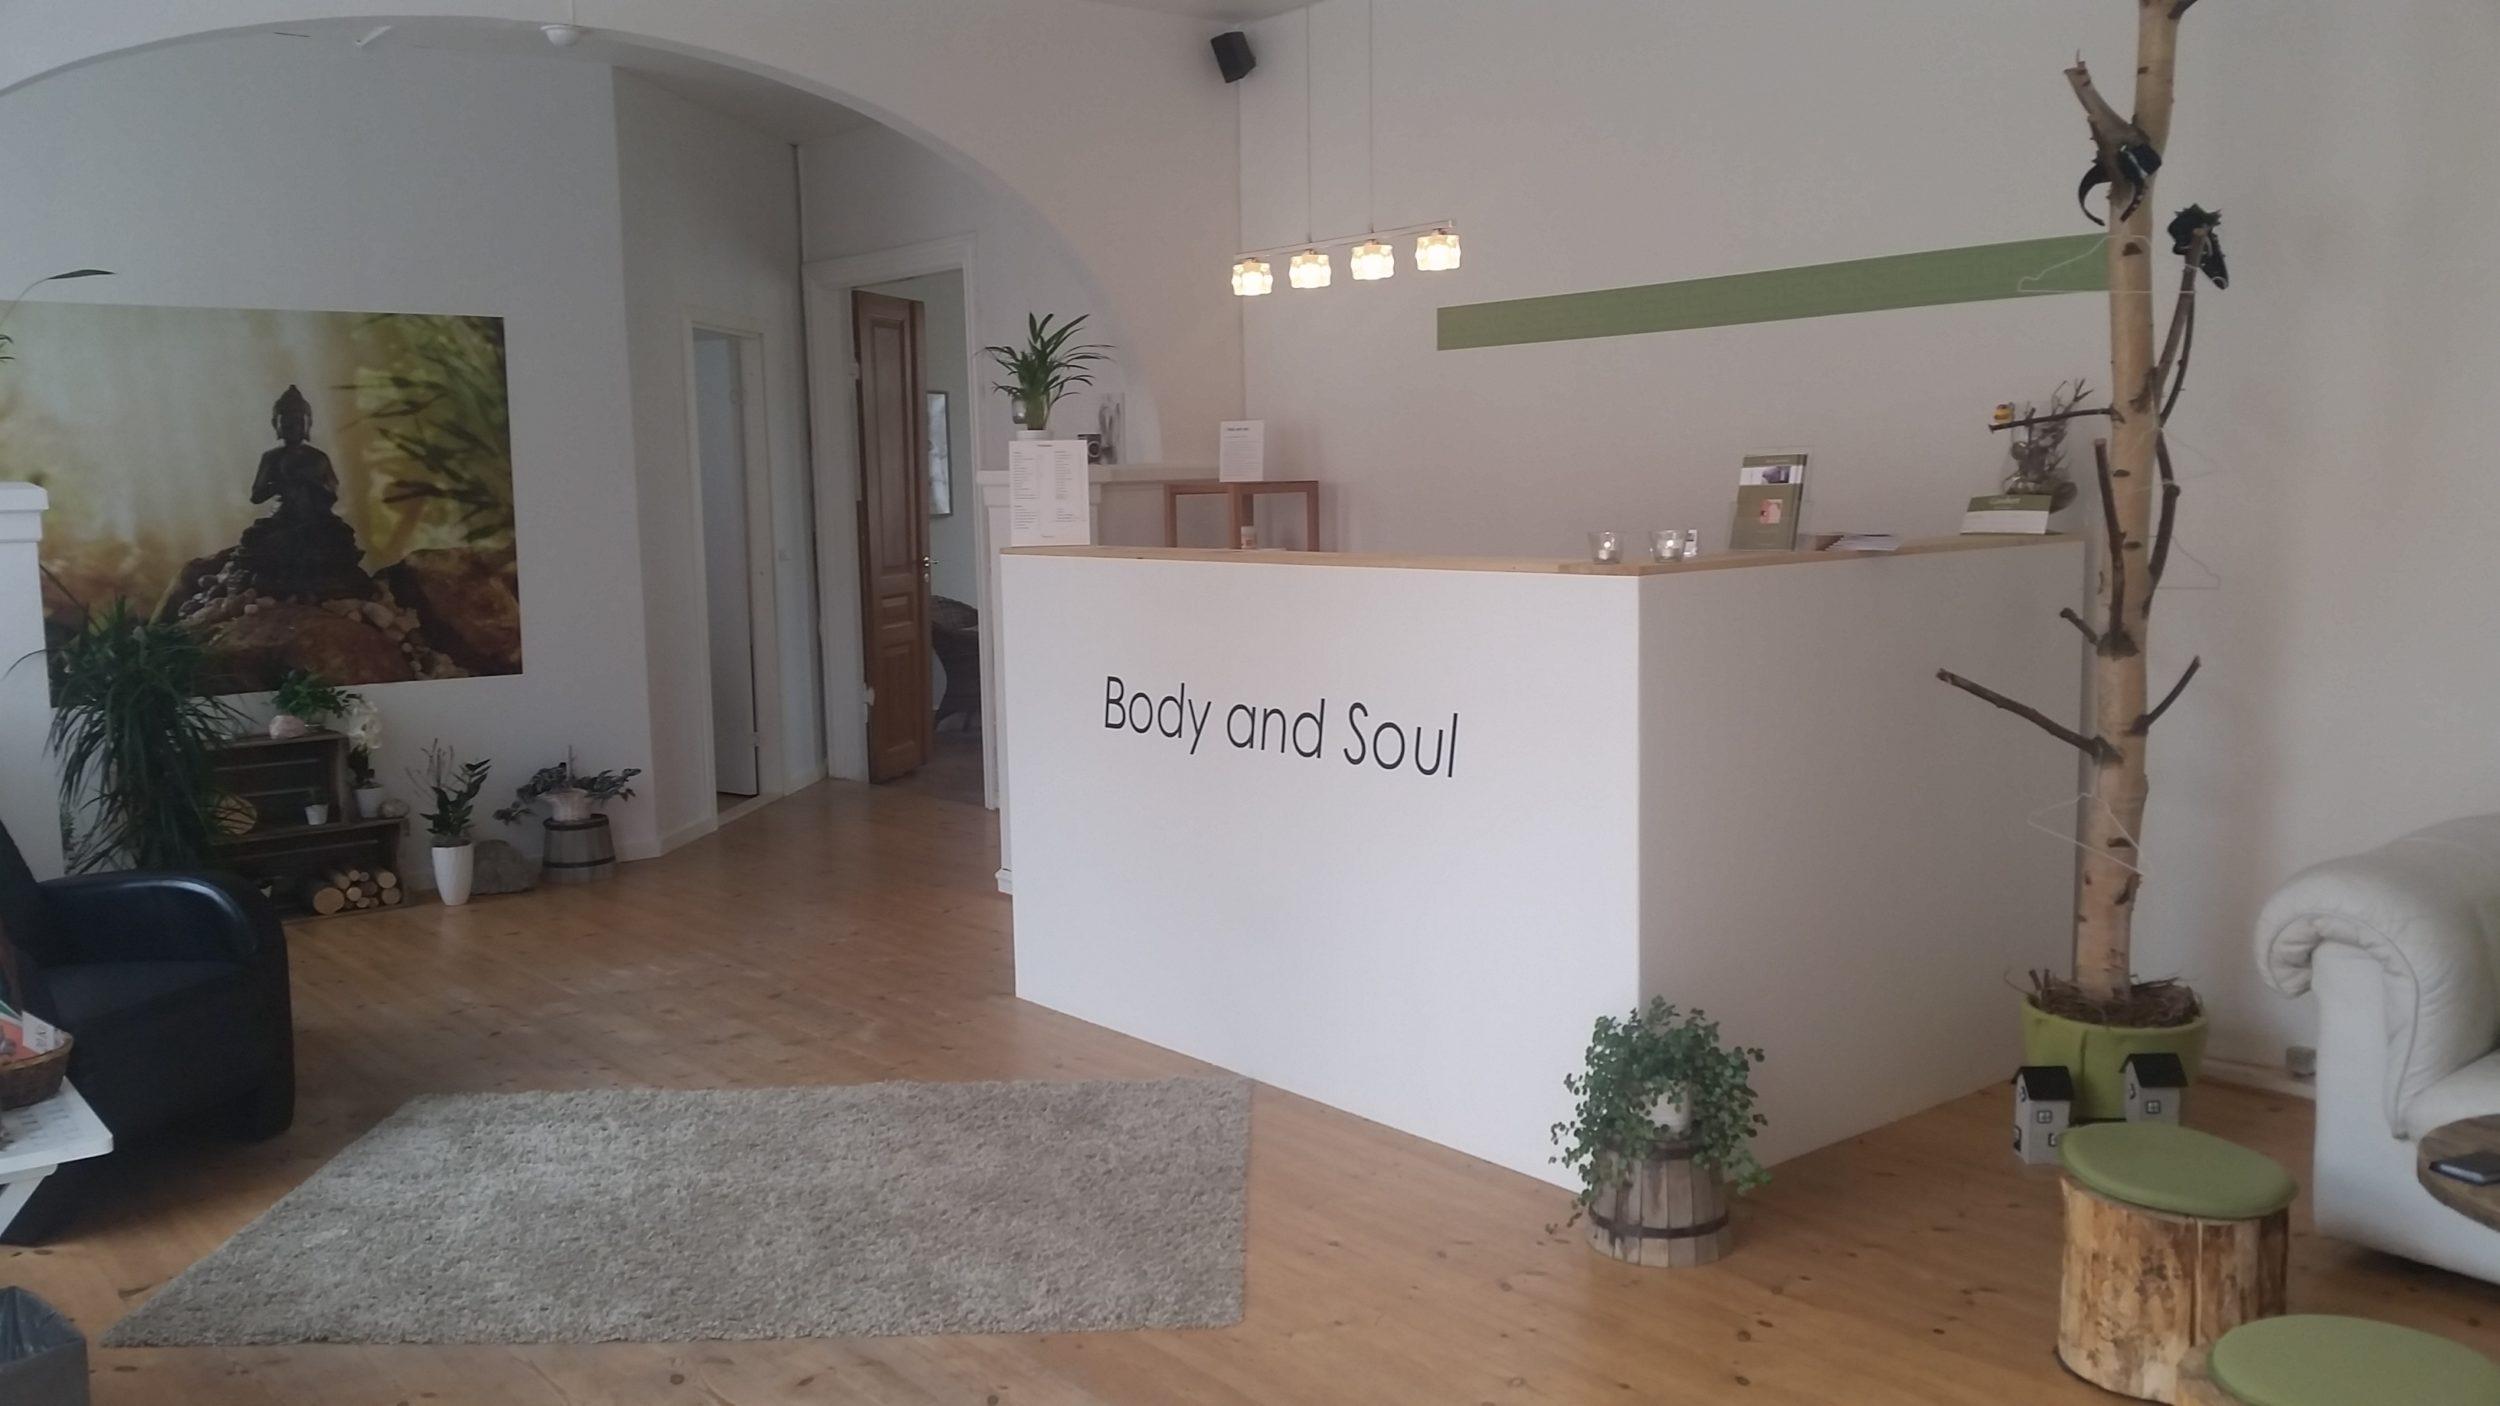 Åbent hus i Body and Soul